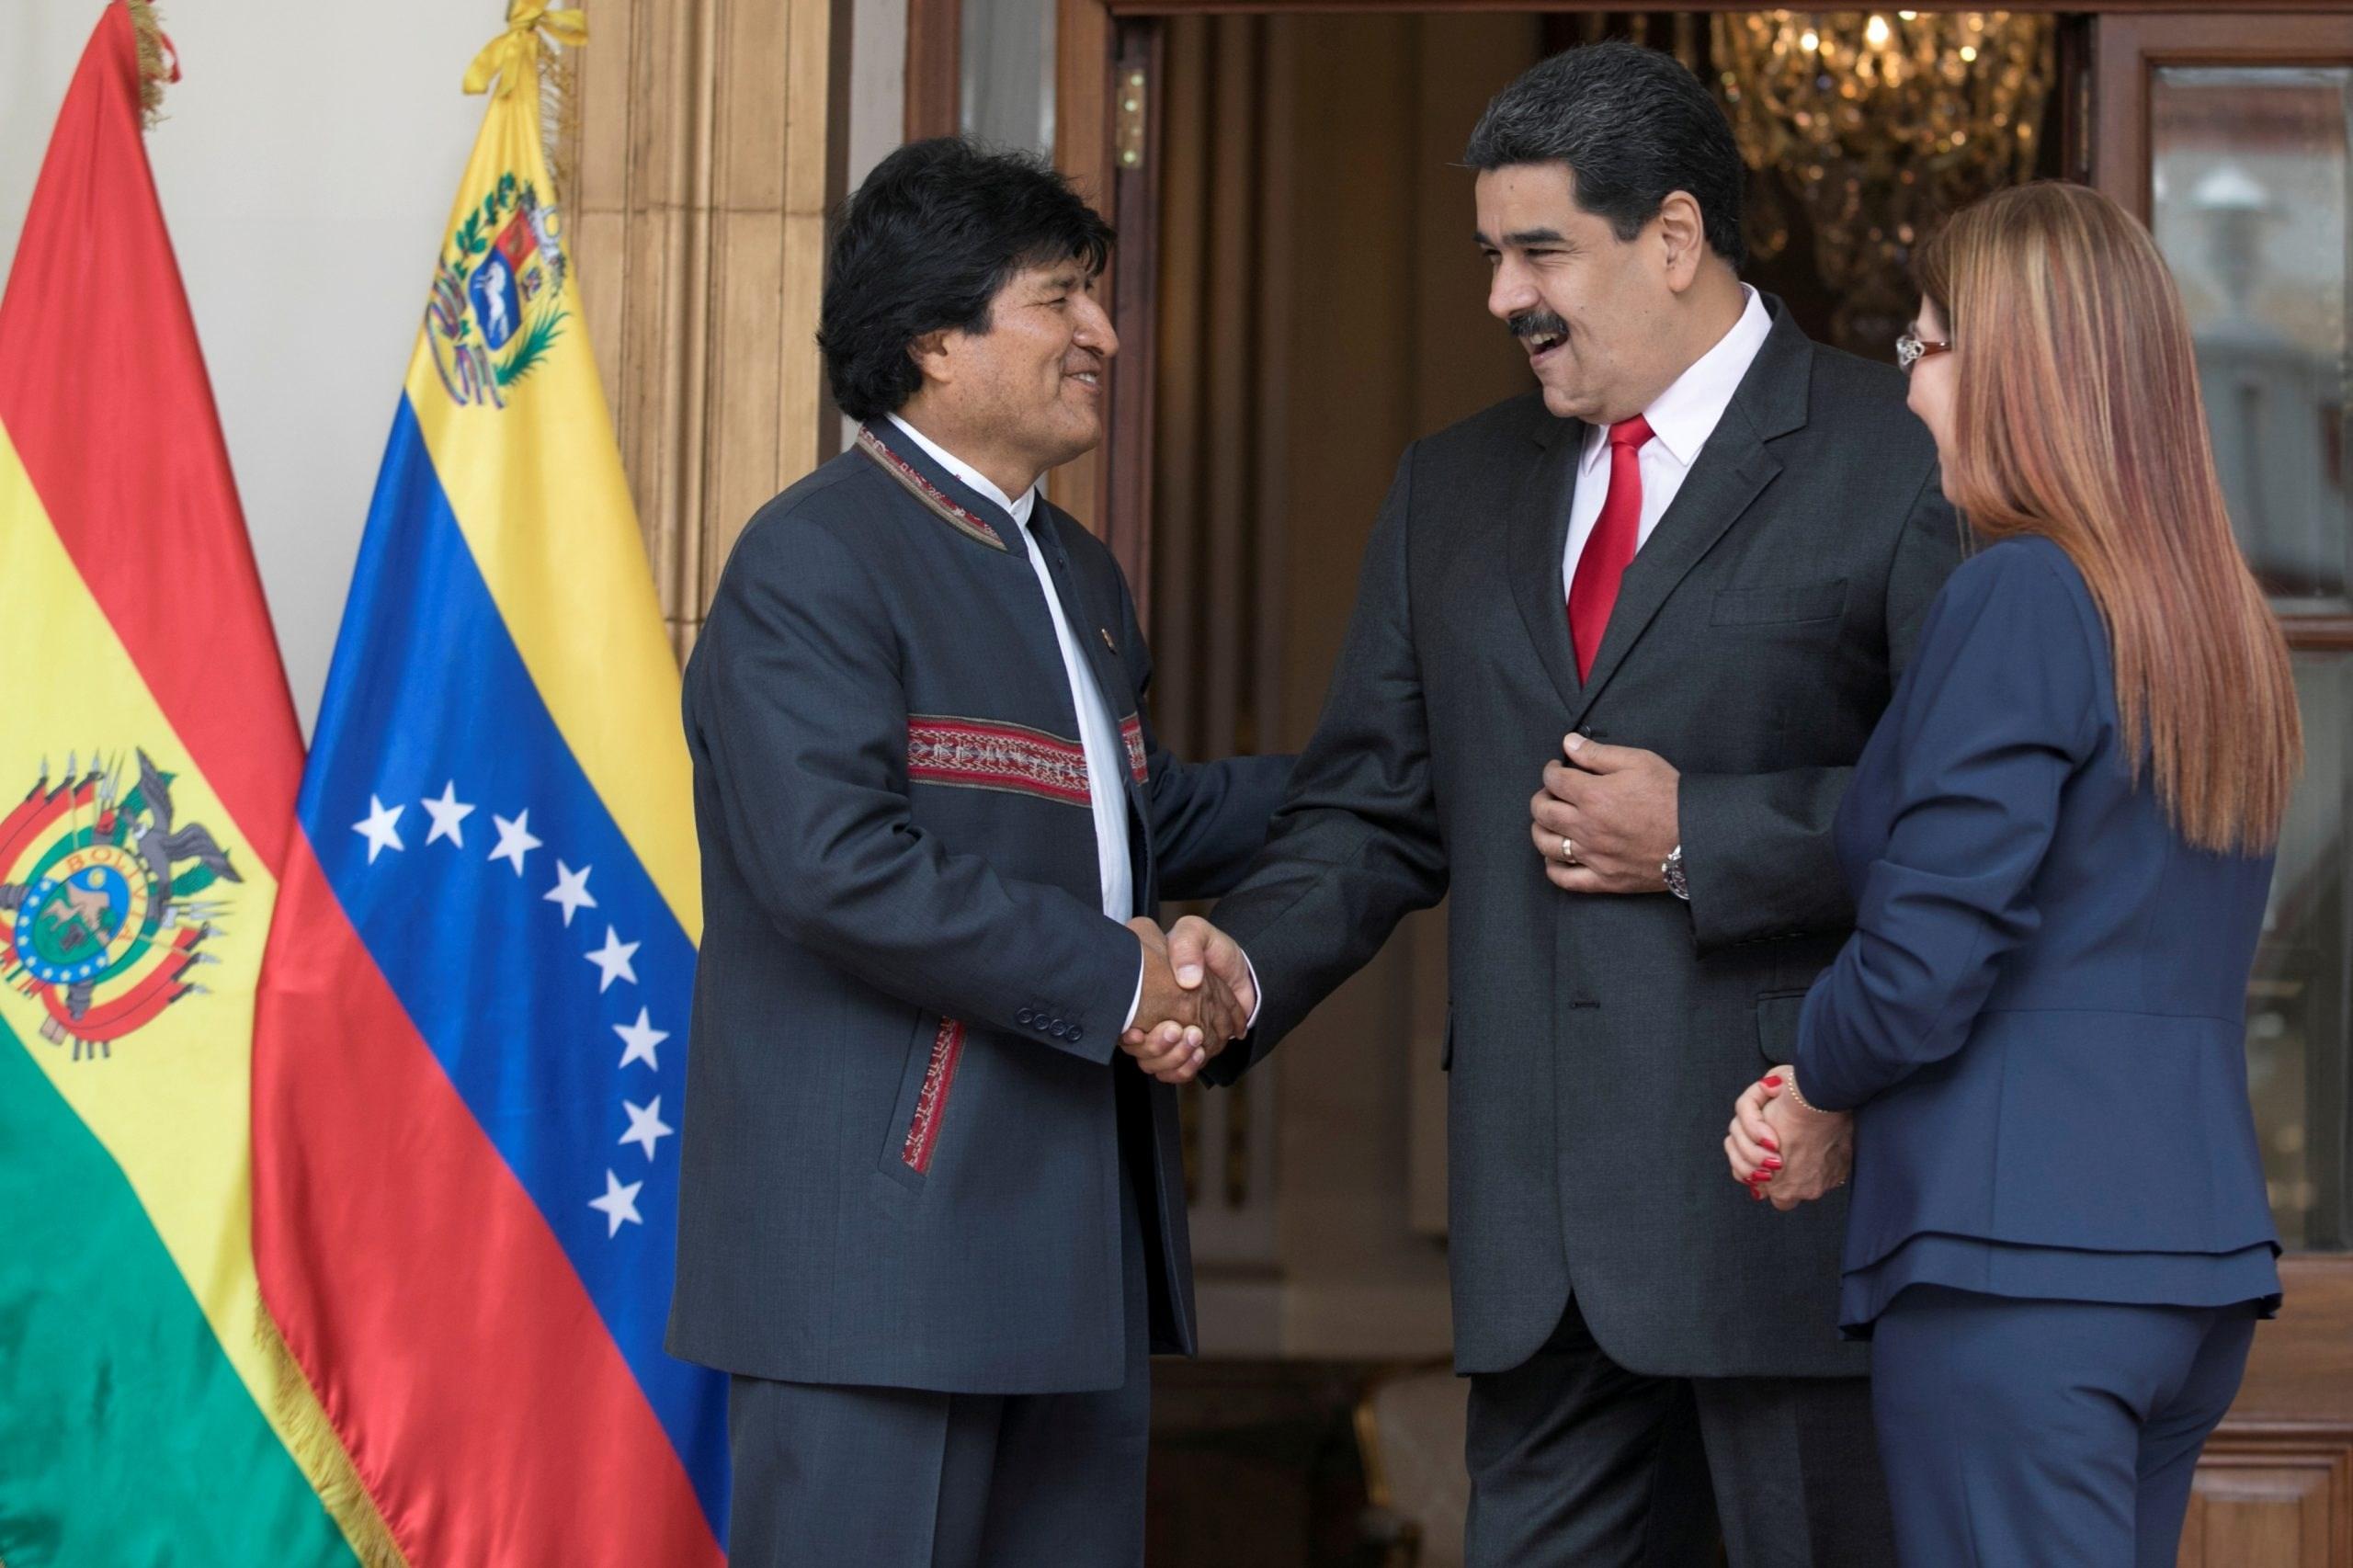 موراليس في كاراكاس للمشاركة في الانتخابات